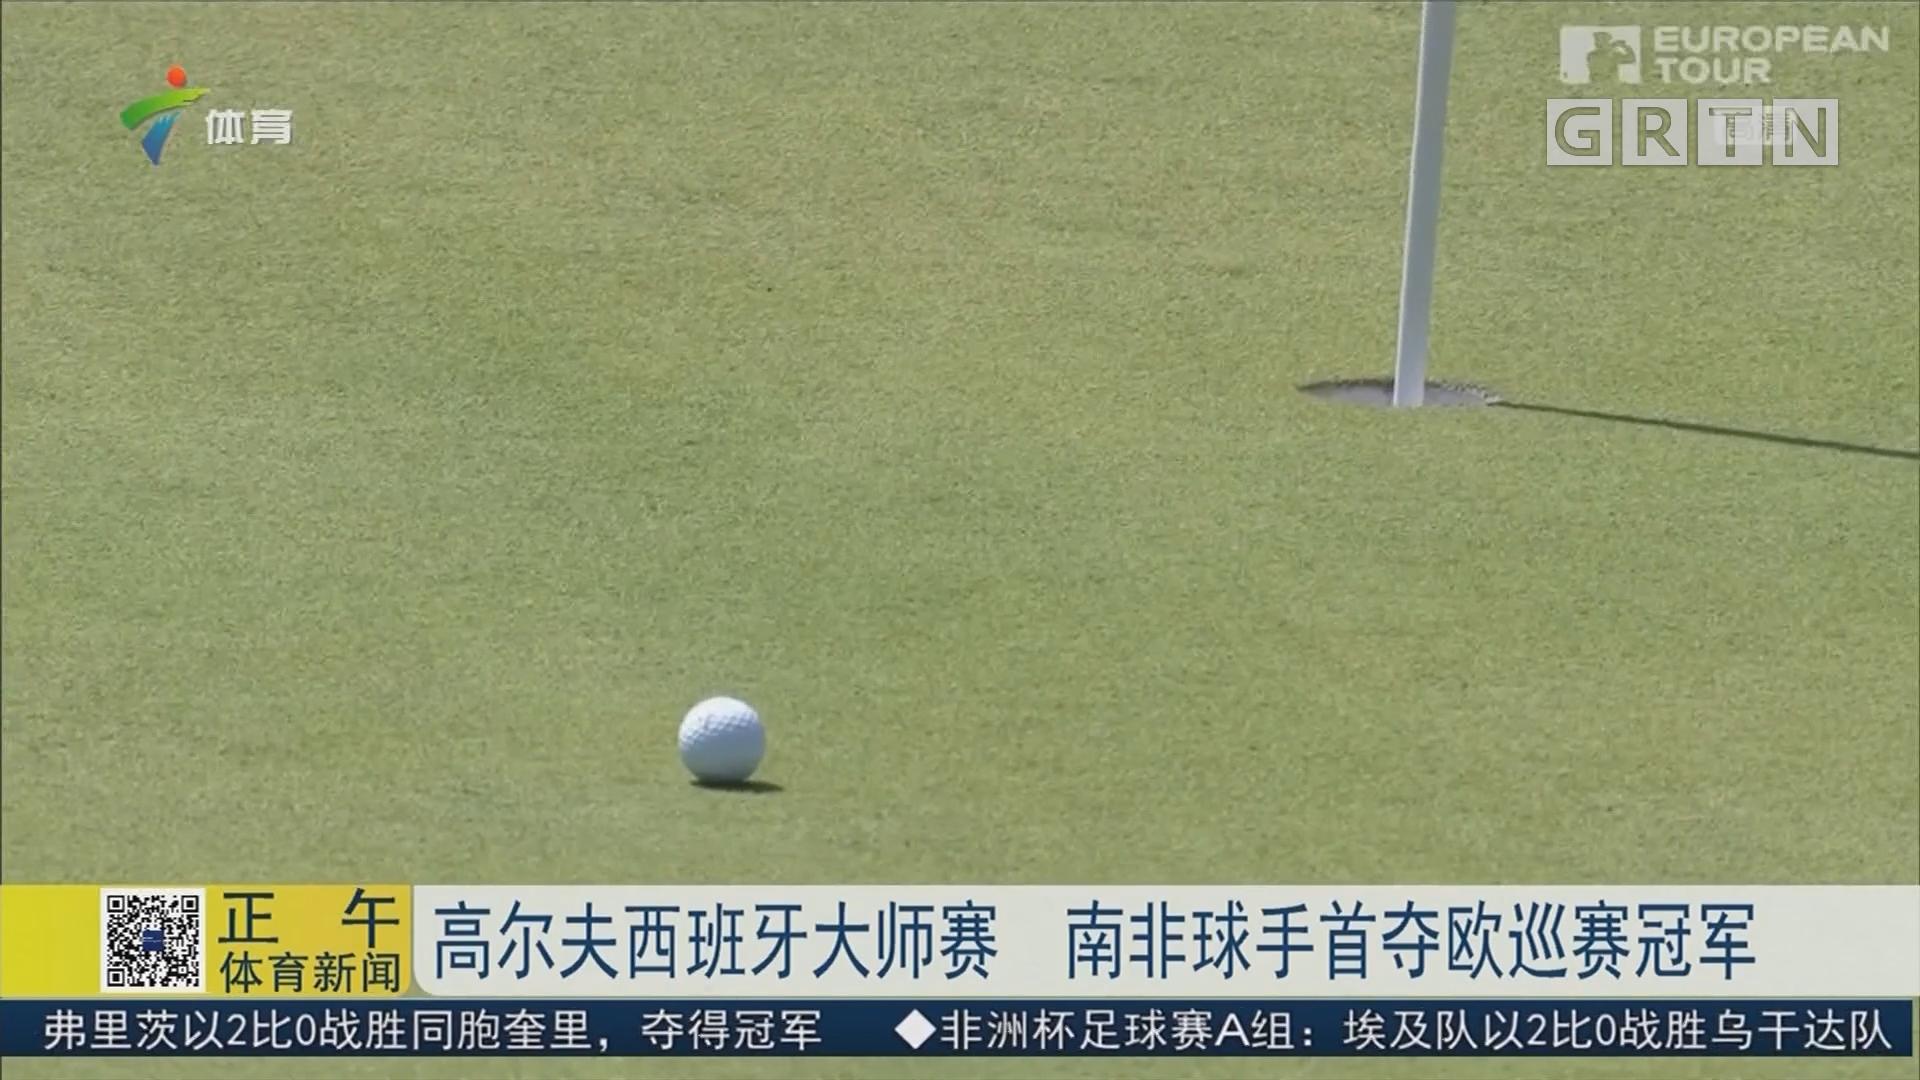 高尔夫西班牙大师赛 南非球手首夺欧巡赛冠军